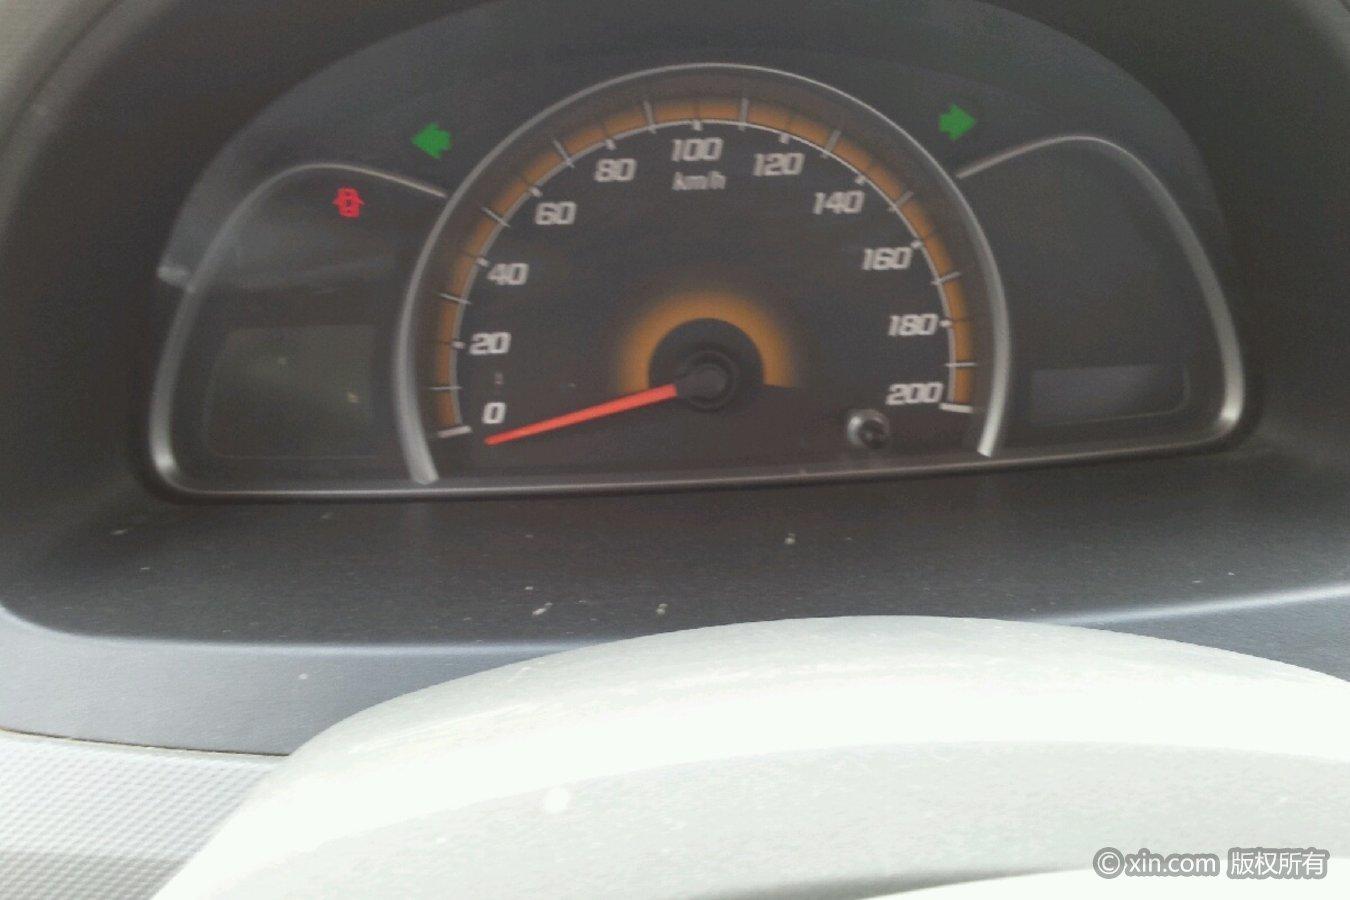 鹤壁到栖霞高速路线图